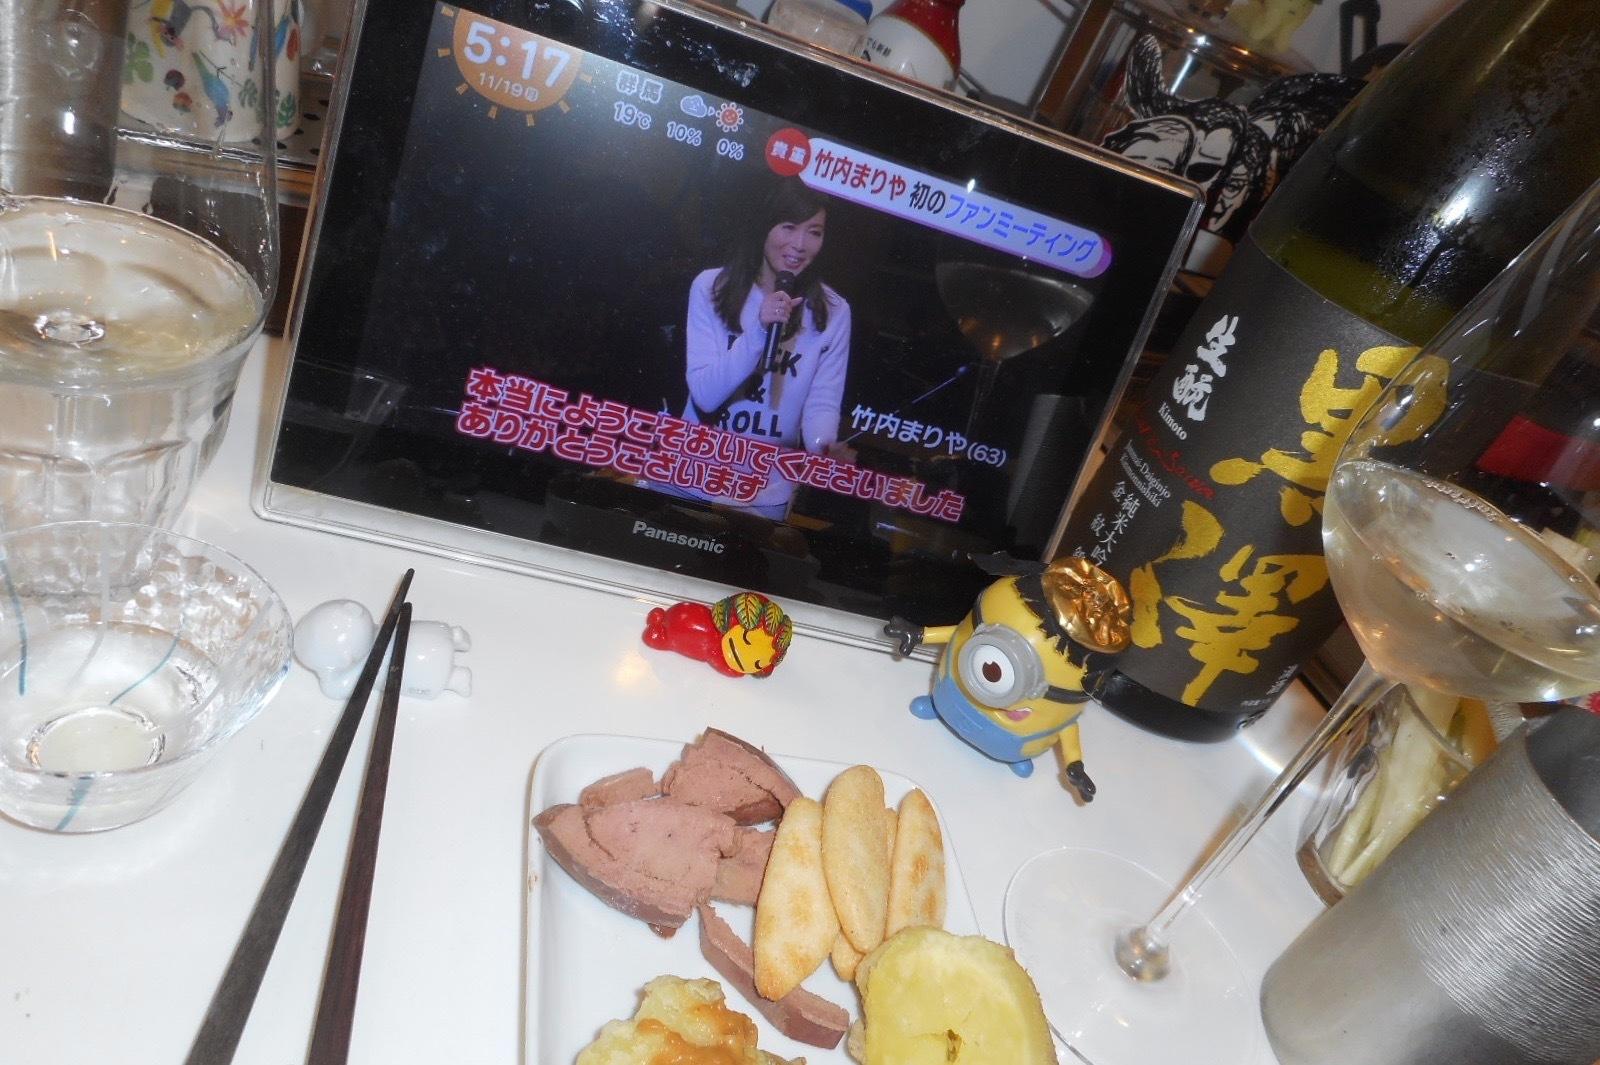 kurosawa_kinmon28by4_4.jpg